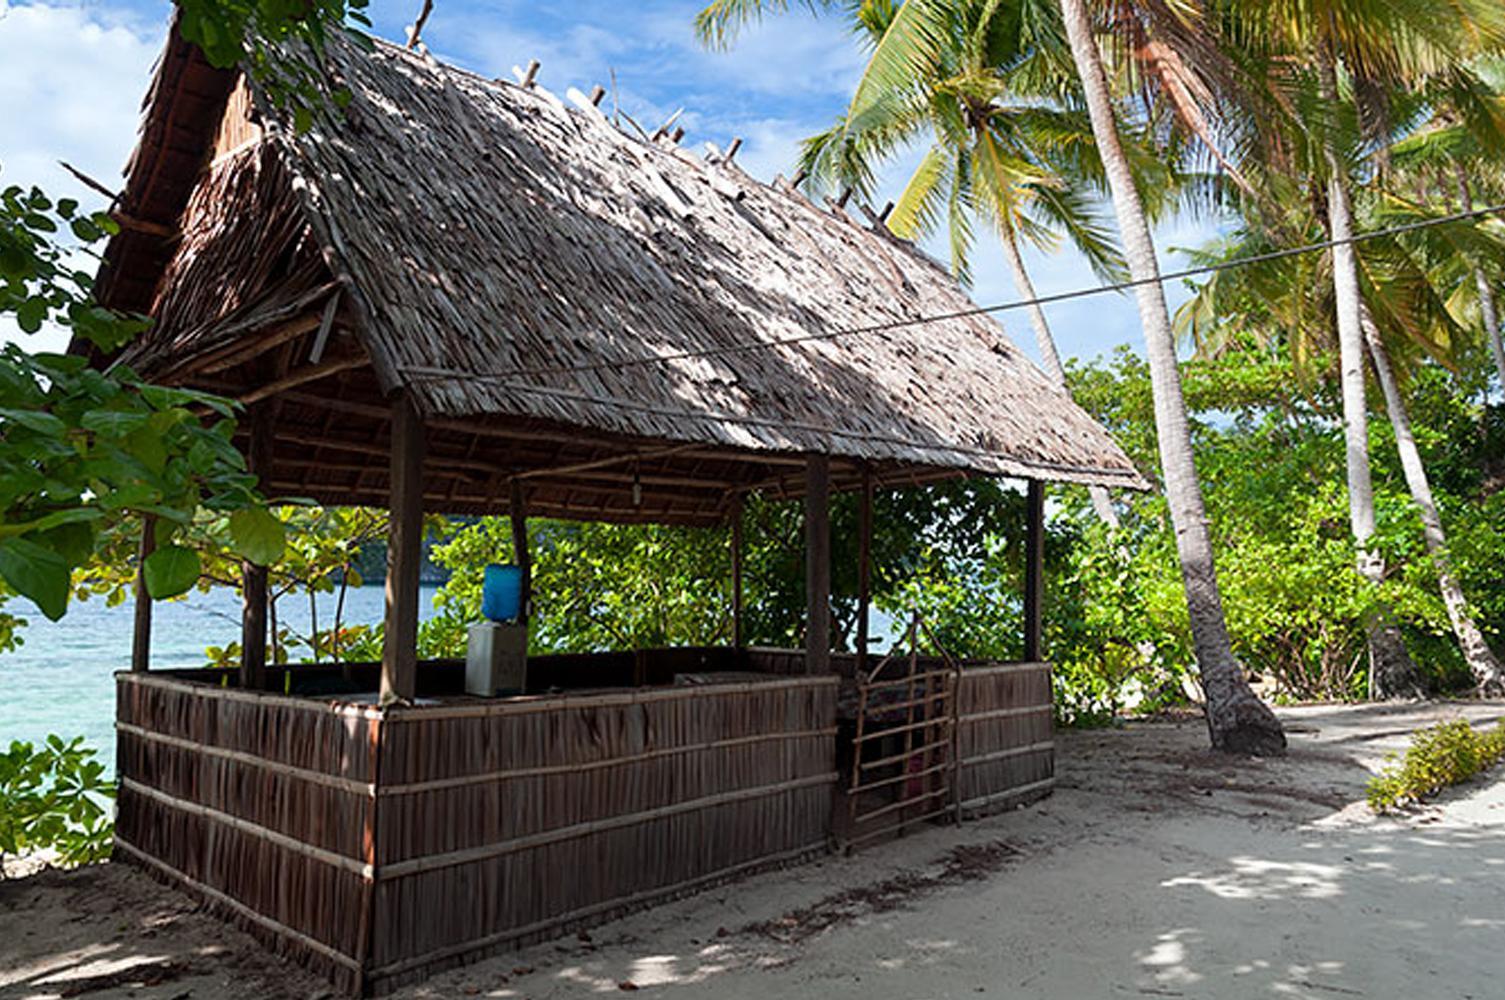 Hotel Famangkor Raja Ampat - Friwen Island - Raja Ampat - Raja Ampat